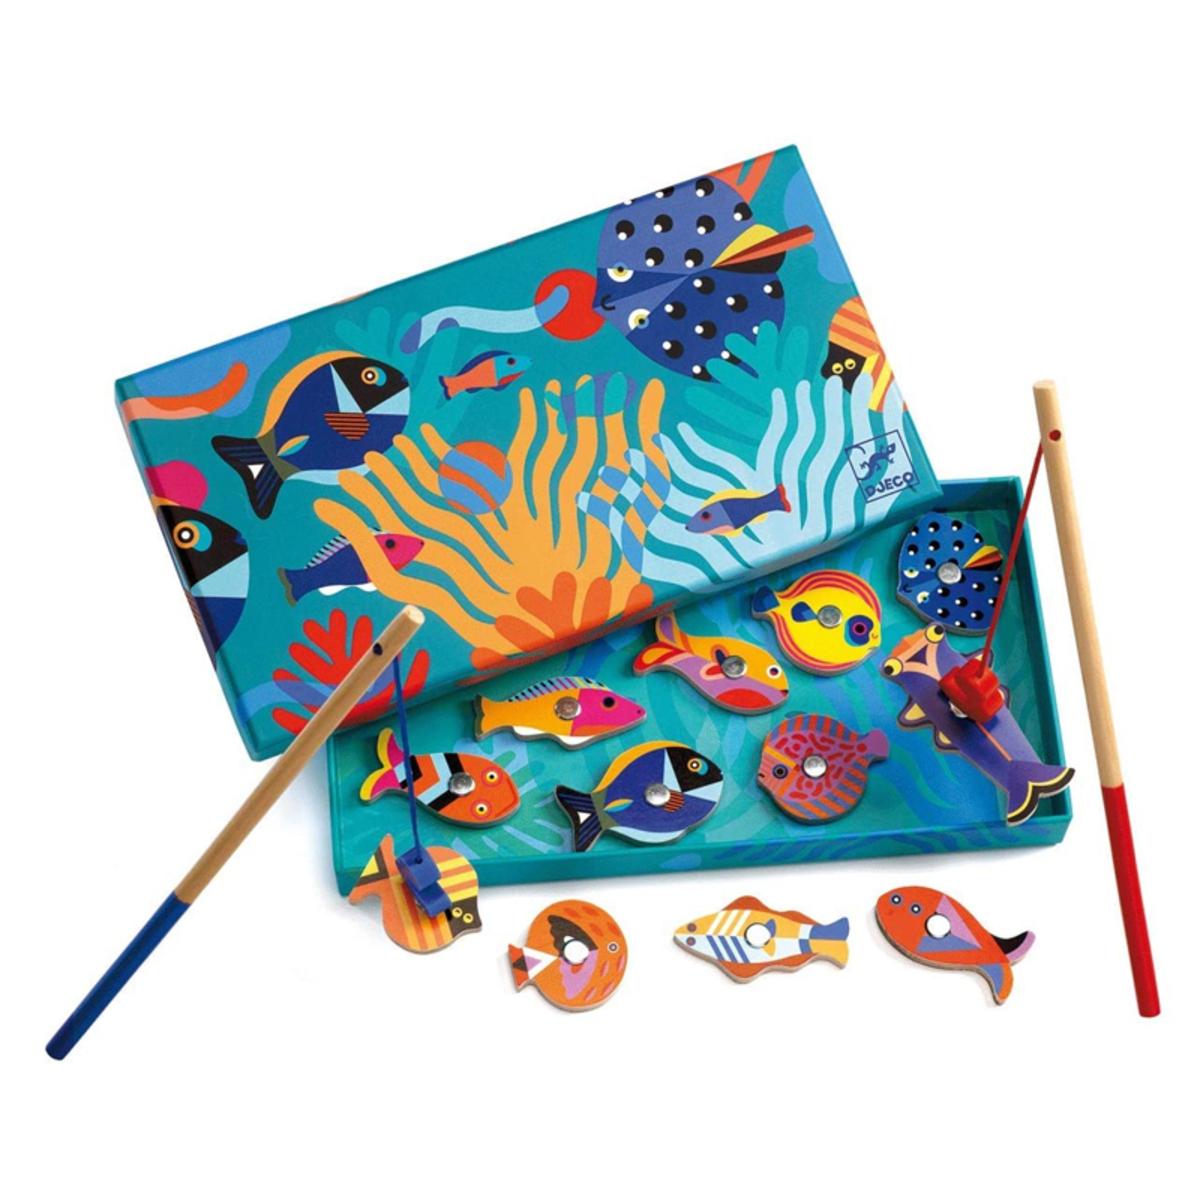 Mes premiers jouets Pêche Magnétique Pêche Magnétique